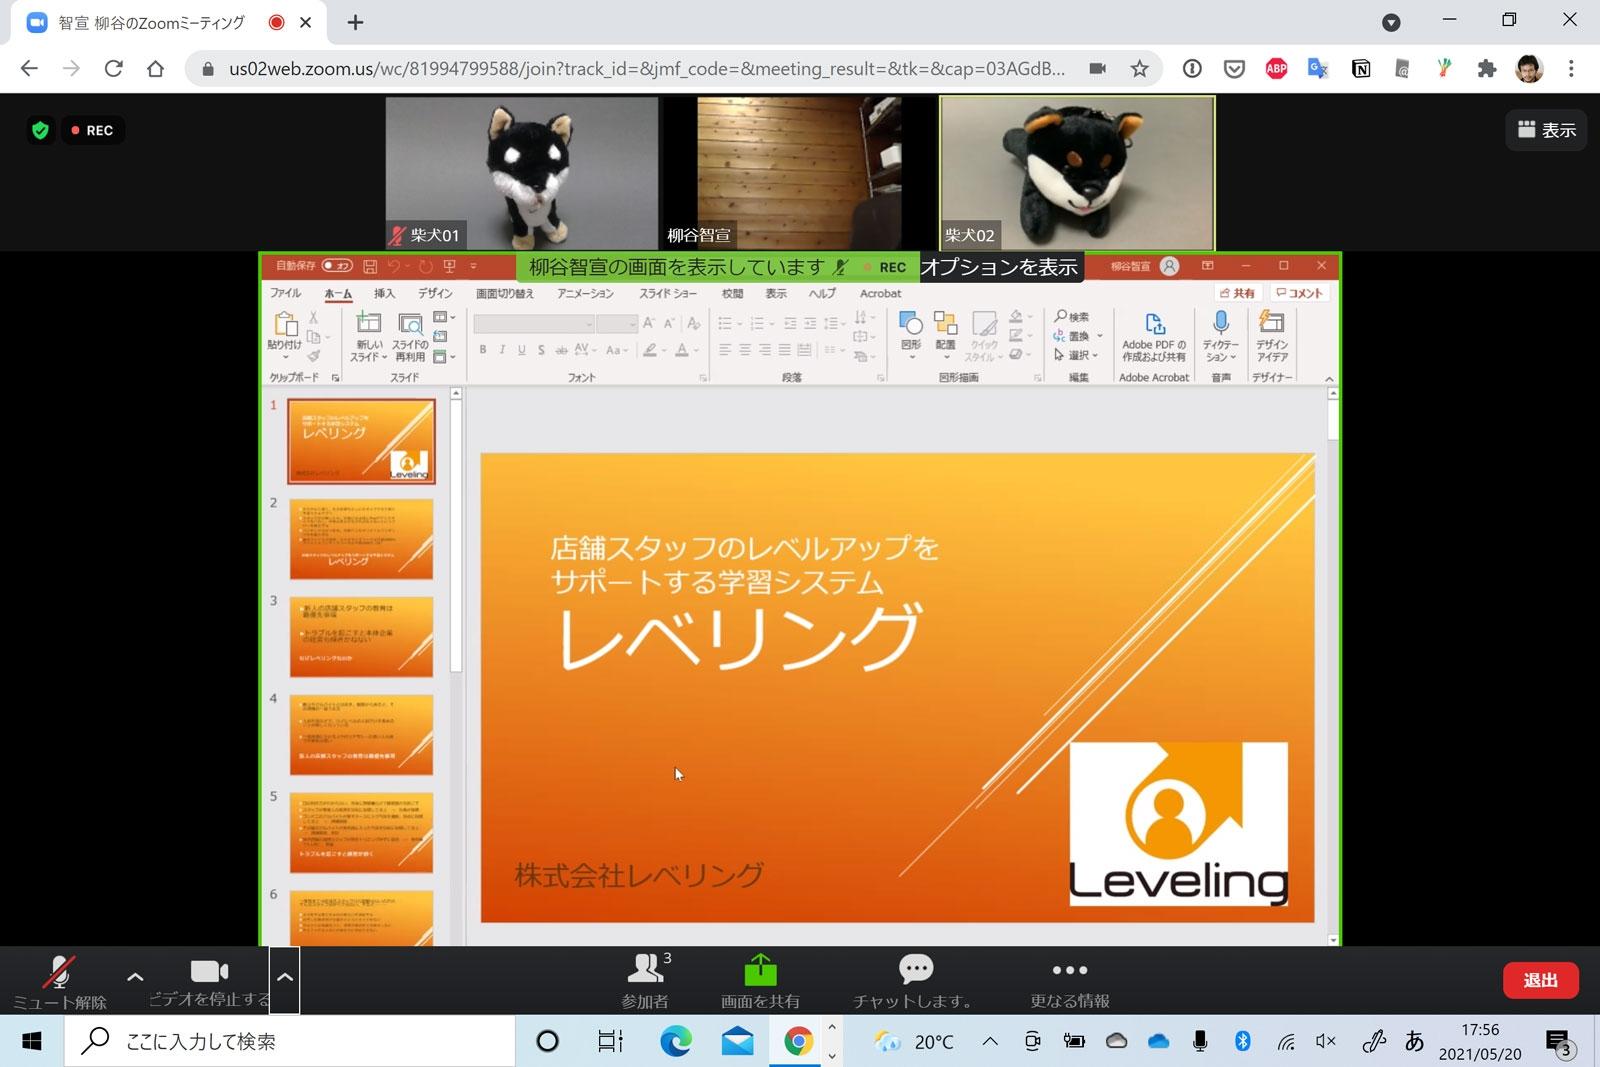 ビデオ会議サービスには必須の画面共有機能